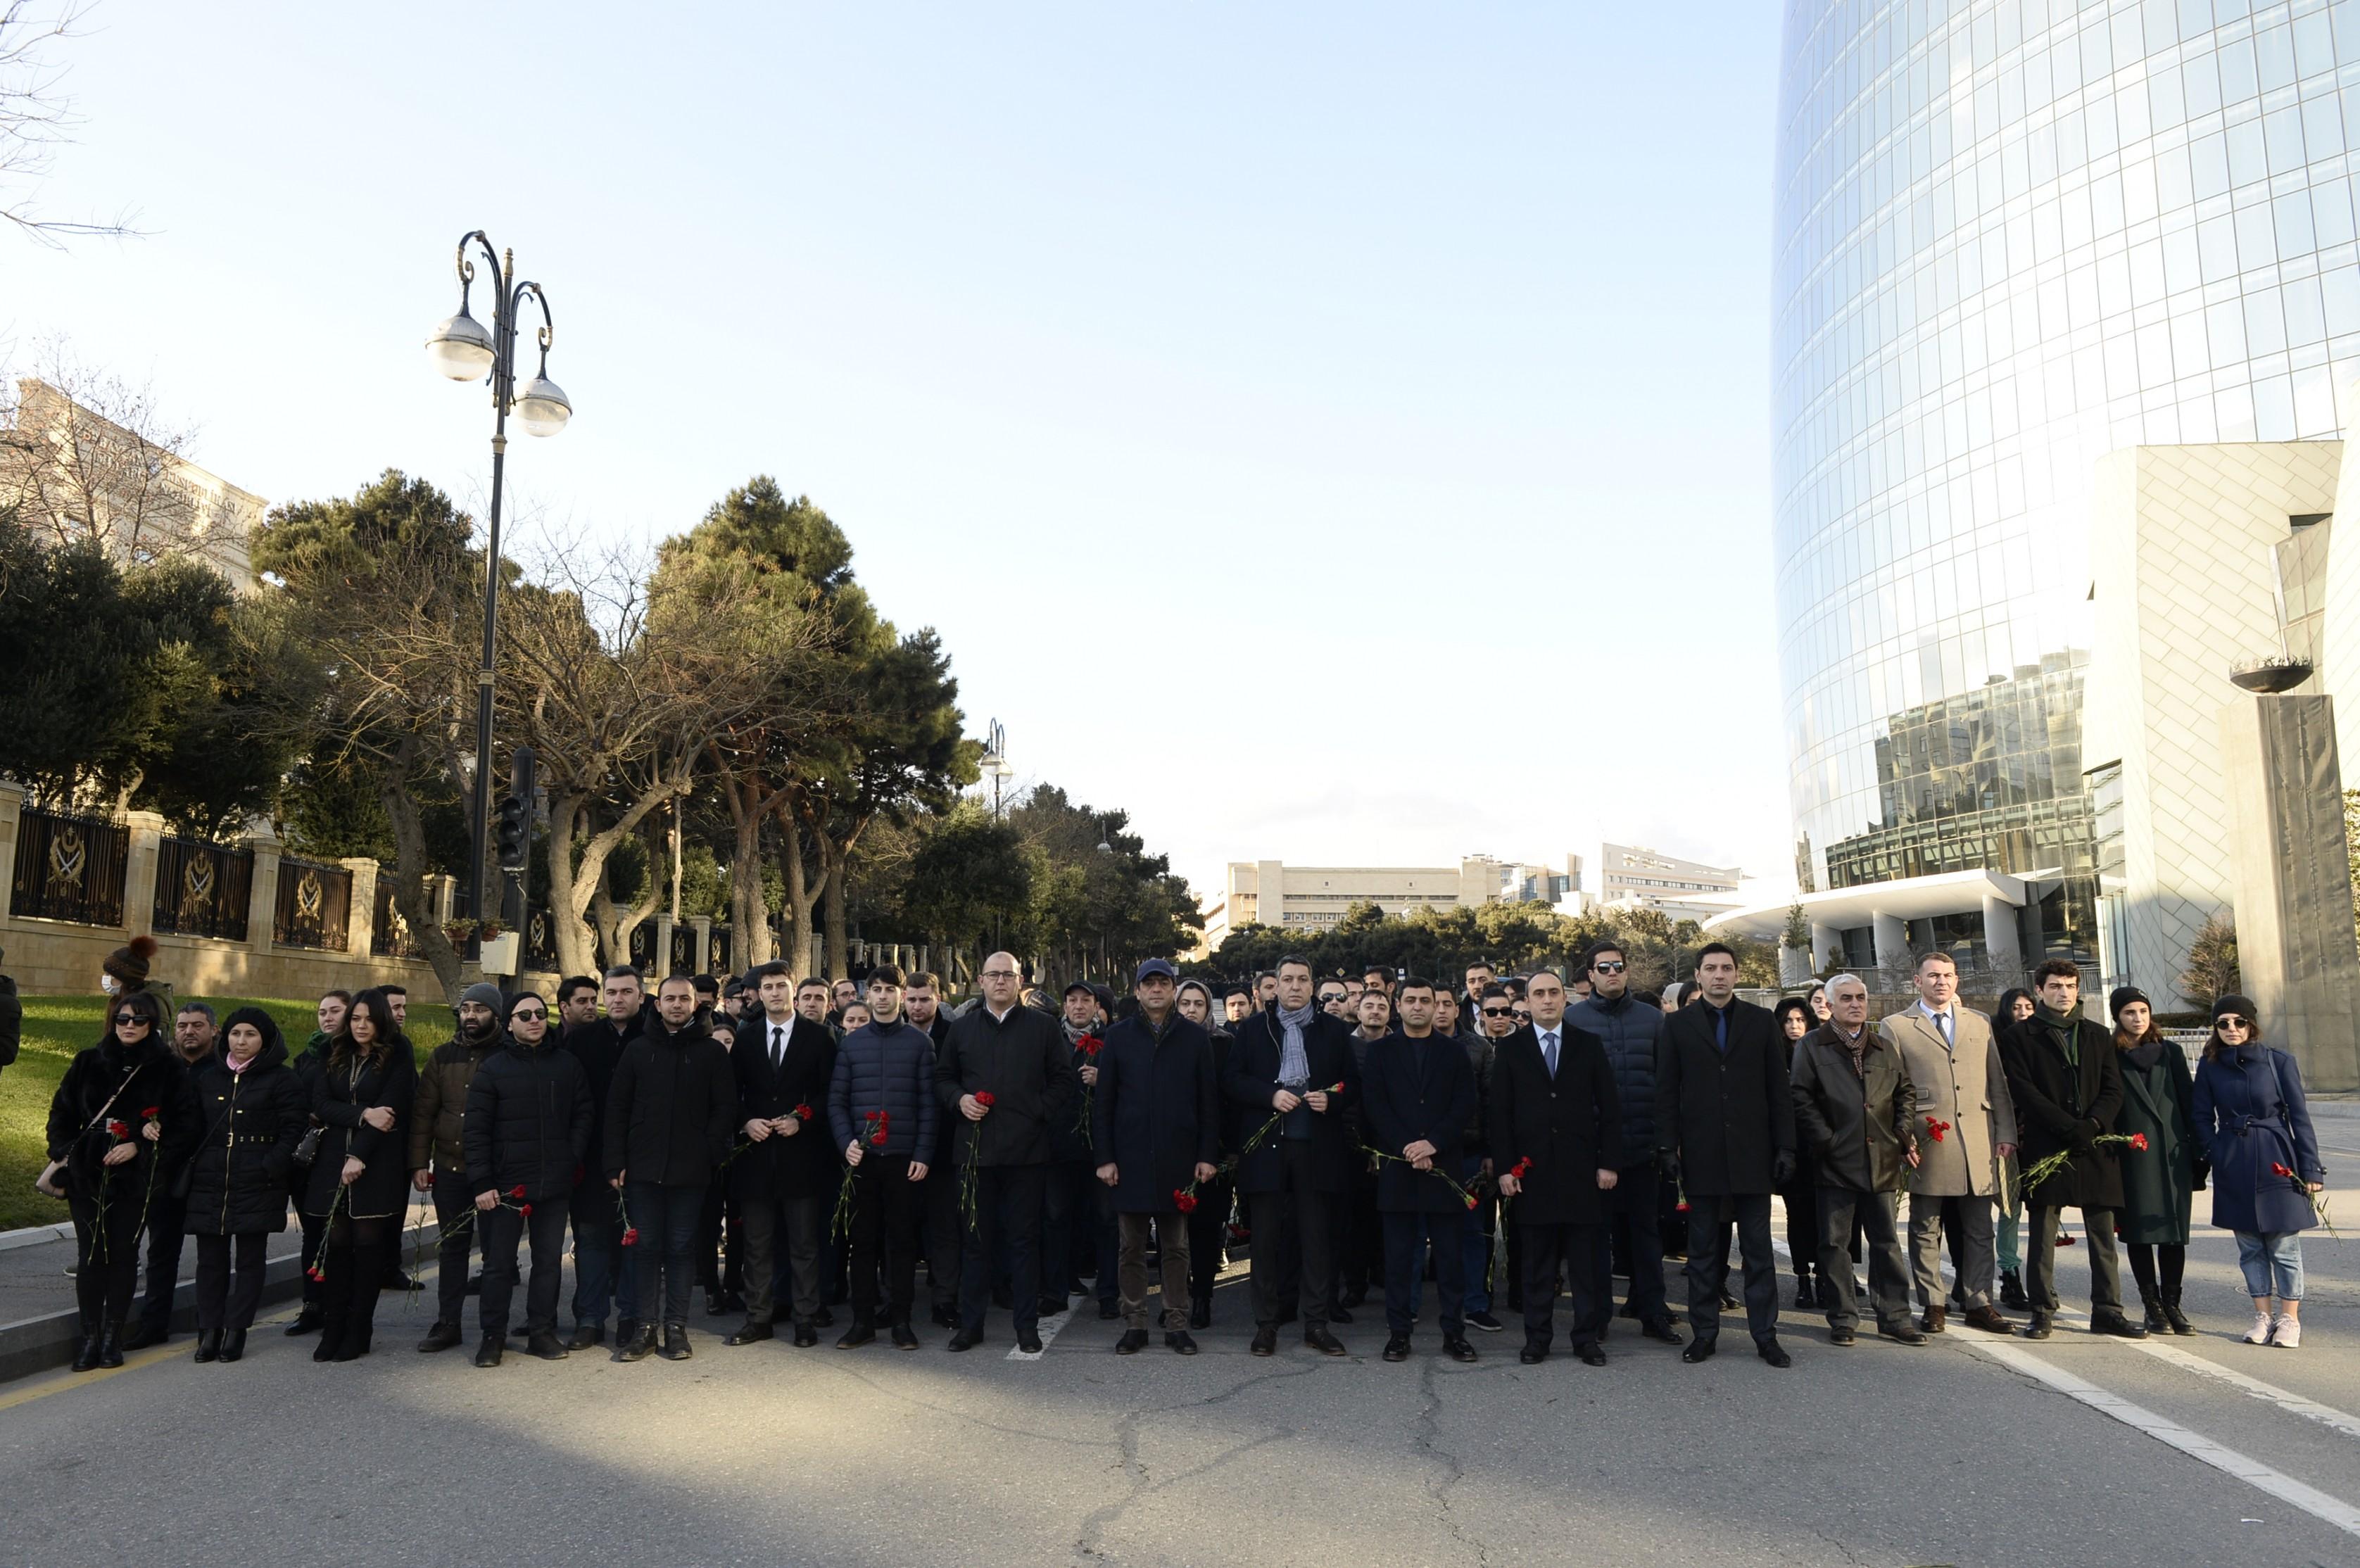 Dövlət Turizm Agentliyi və turizm sektorunun nümayəndələri Şəhidlər Xiyabanını ziyarət ediblər